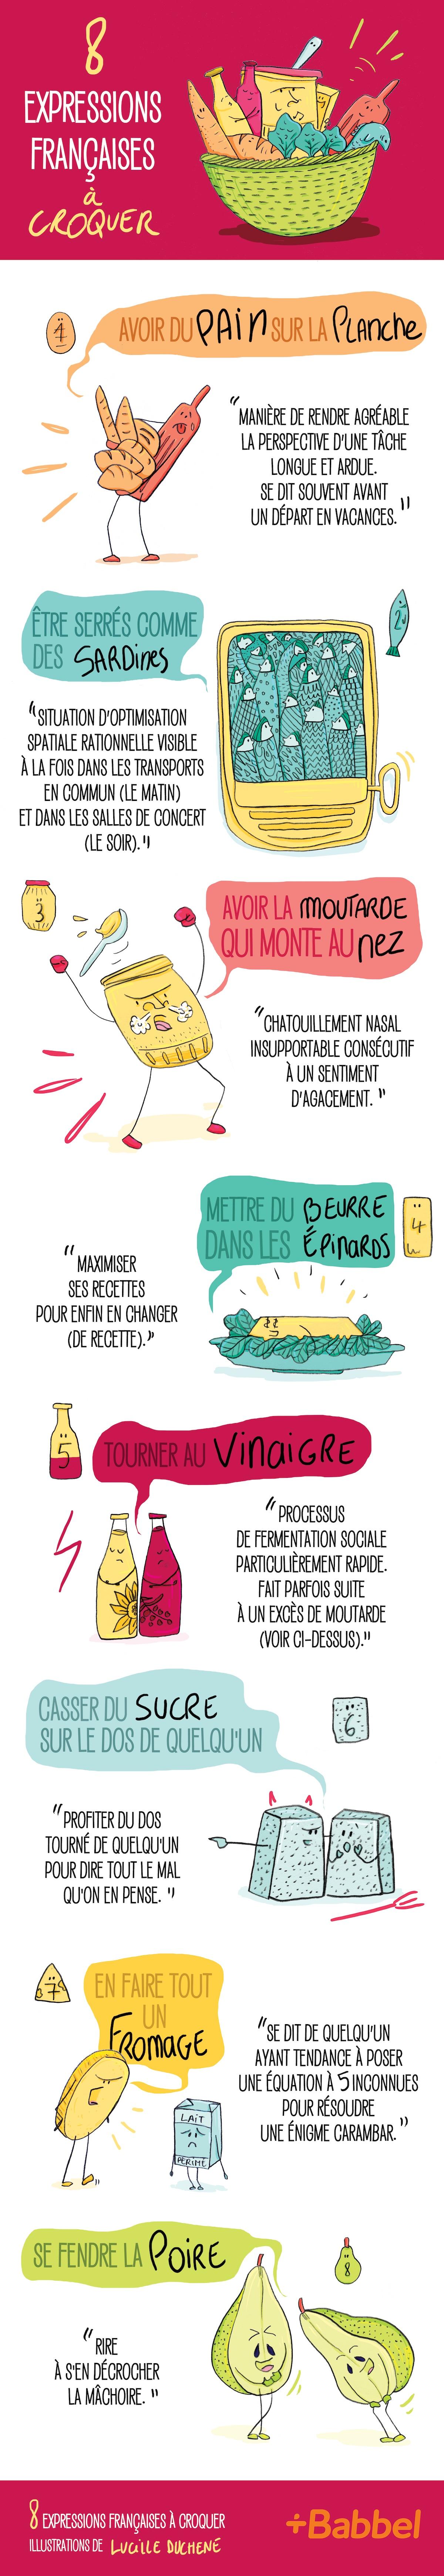 8 expressions françaises à croquer... et croquées pour Babbel !